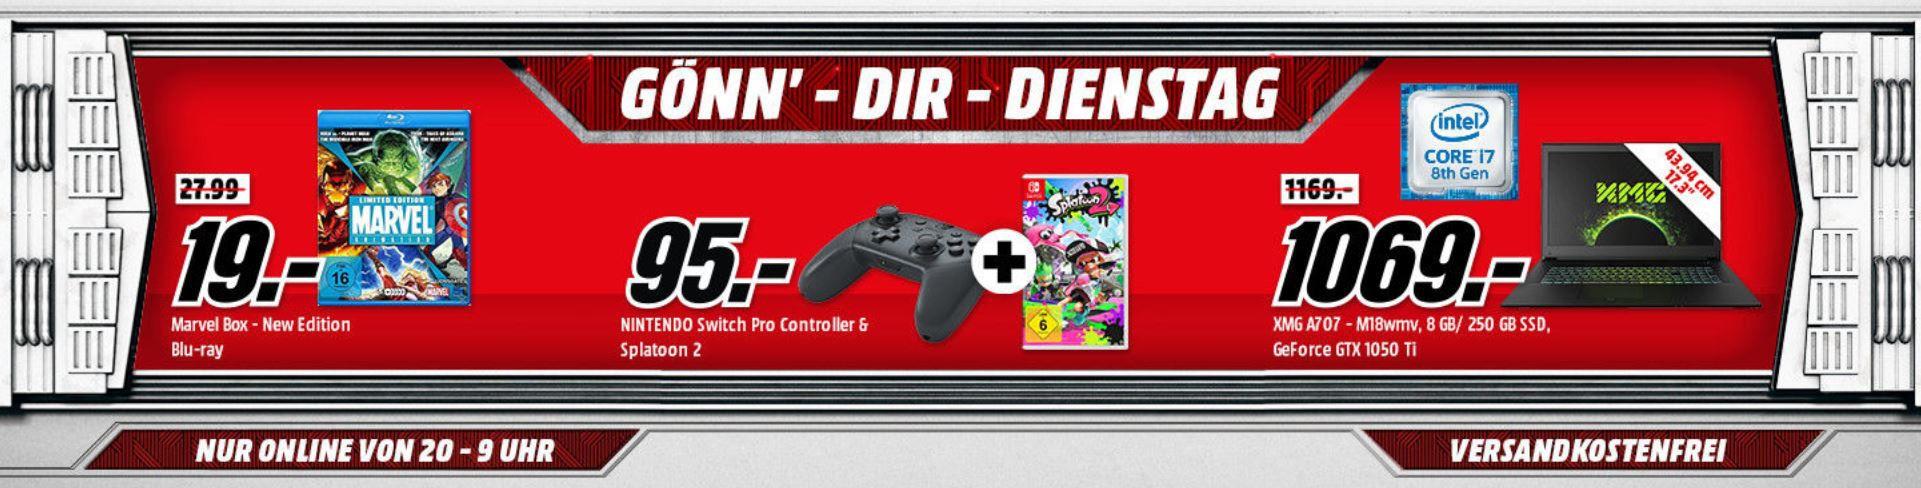 Xbox One S 500GB + Forza Horizon 3 Hot Wheels + Shadow of the Tomb Raider für 199€ (statt 303€) uvm. im Media Markt Dienstag Sale